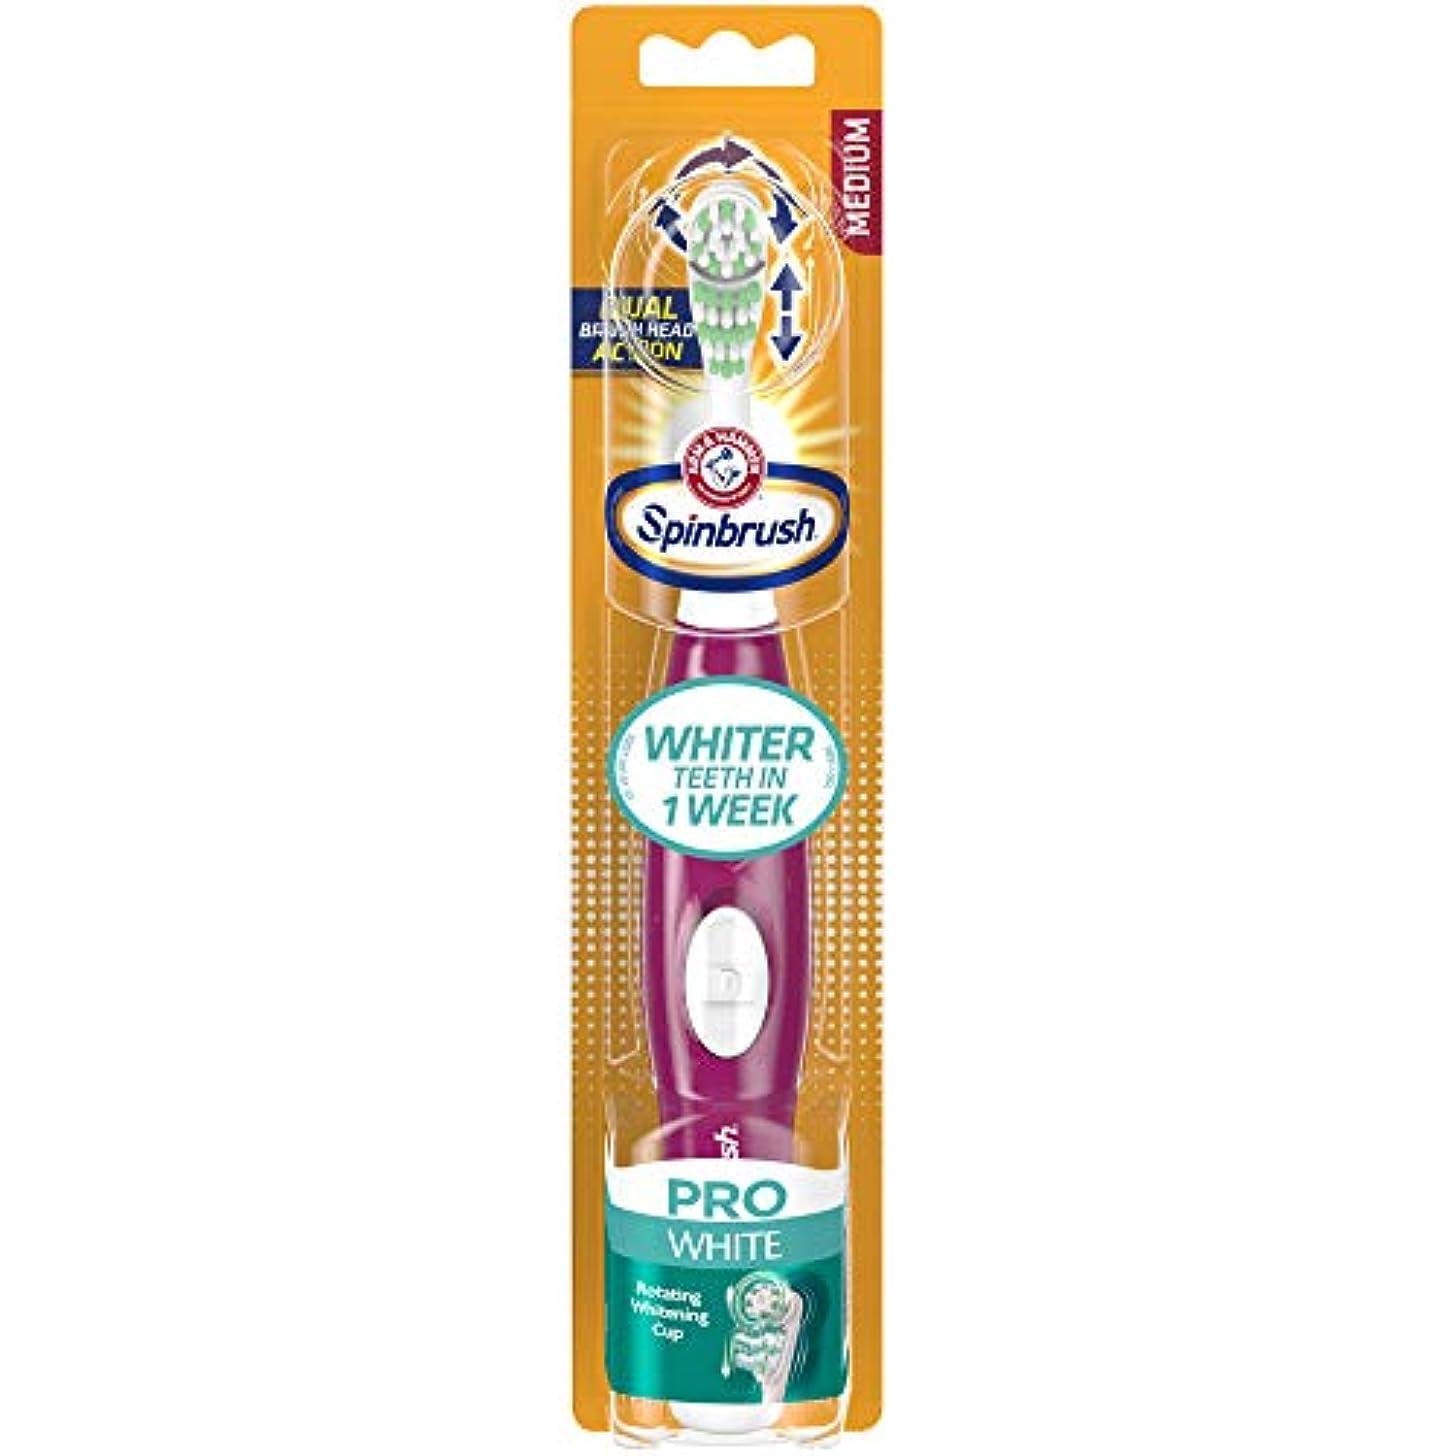 アッティカスお祝い水平Spinbrush プロシリーズウルトラホワイト歯ブラシ、中1 Eaは 中